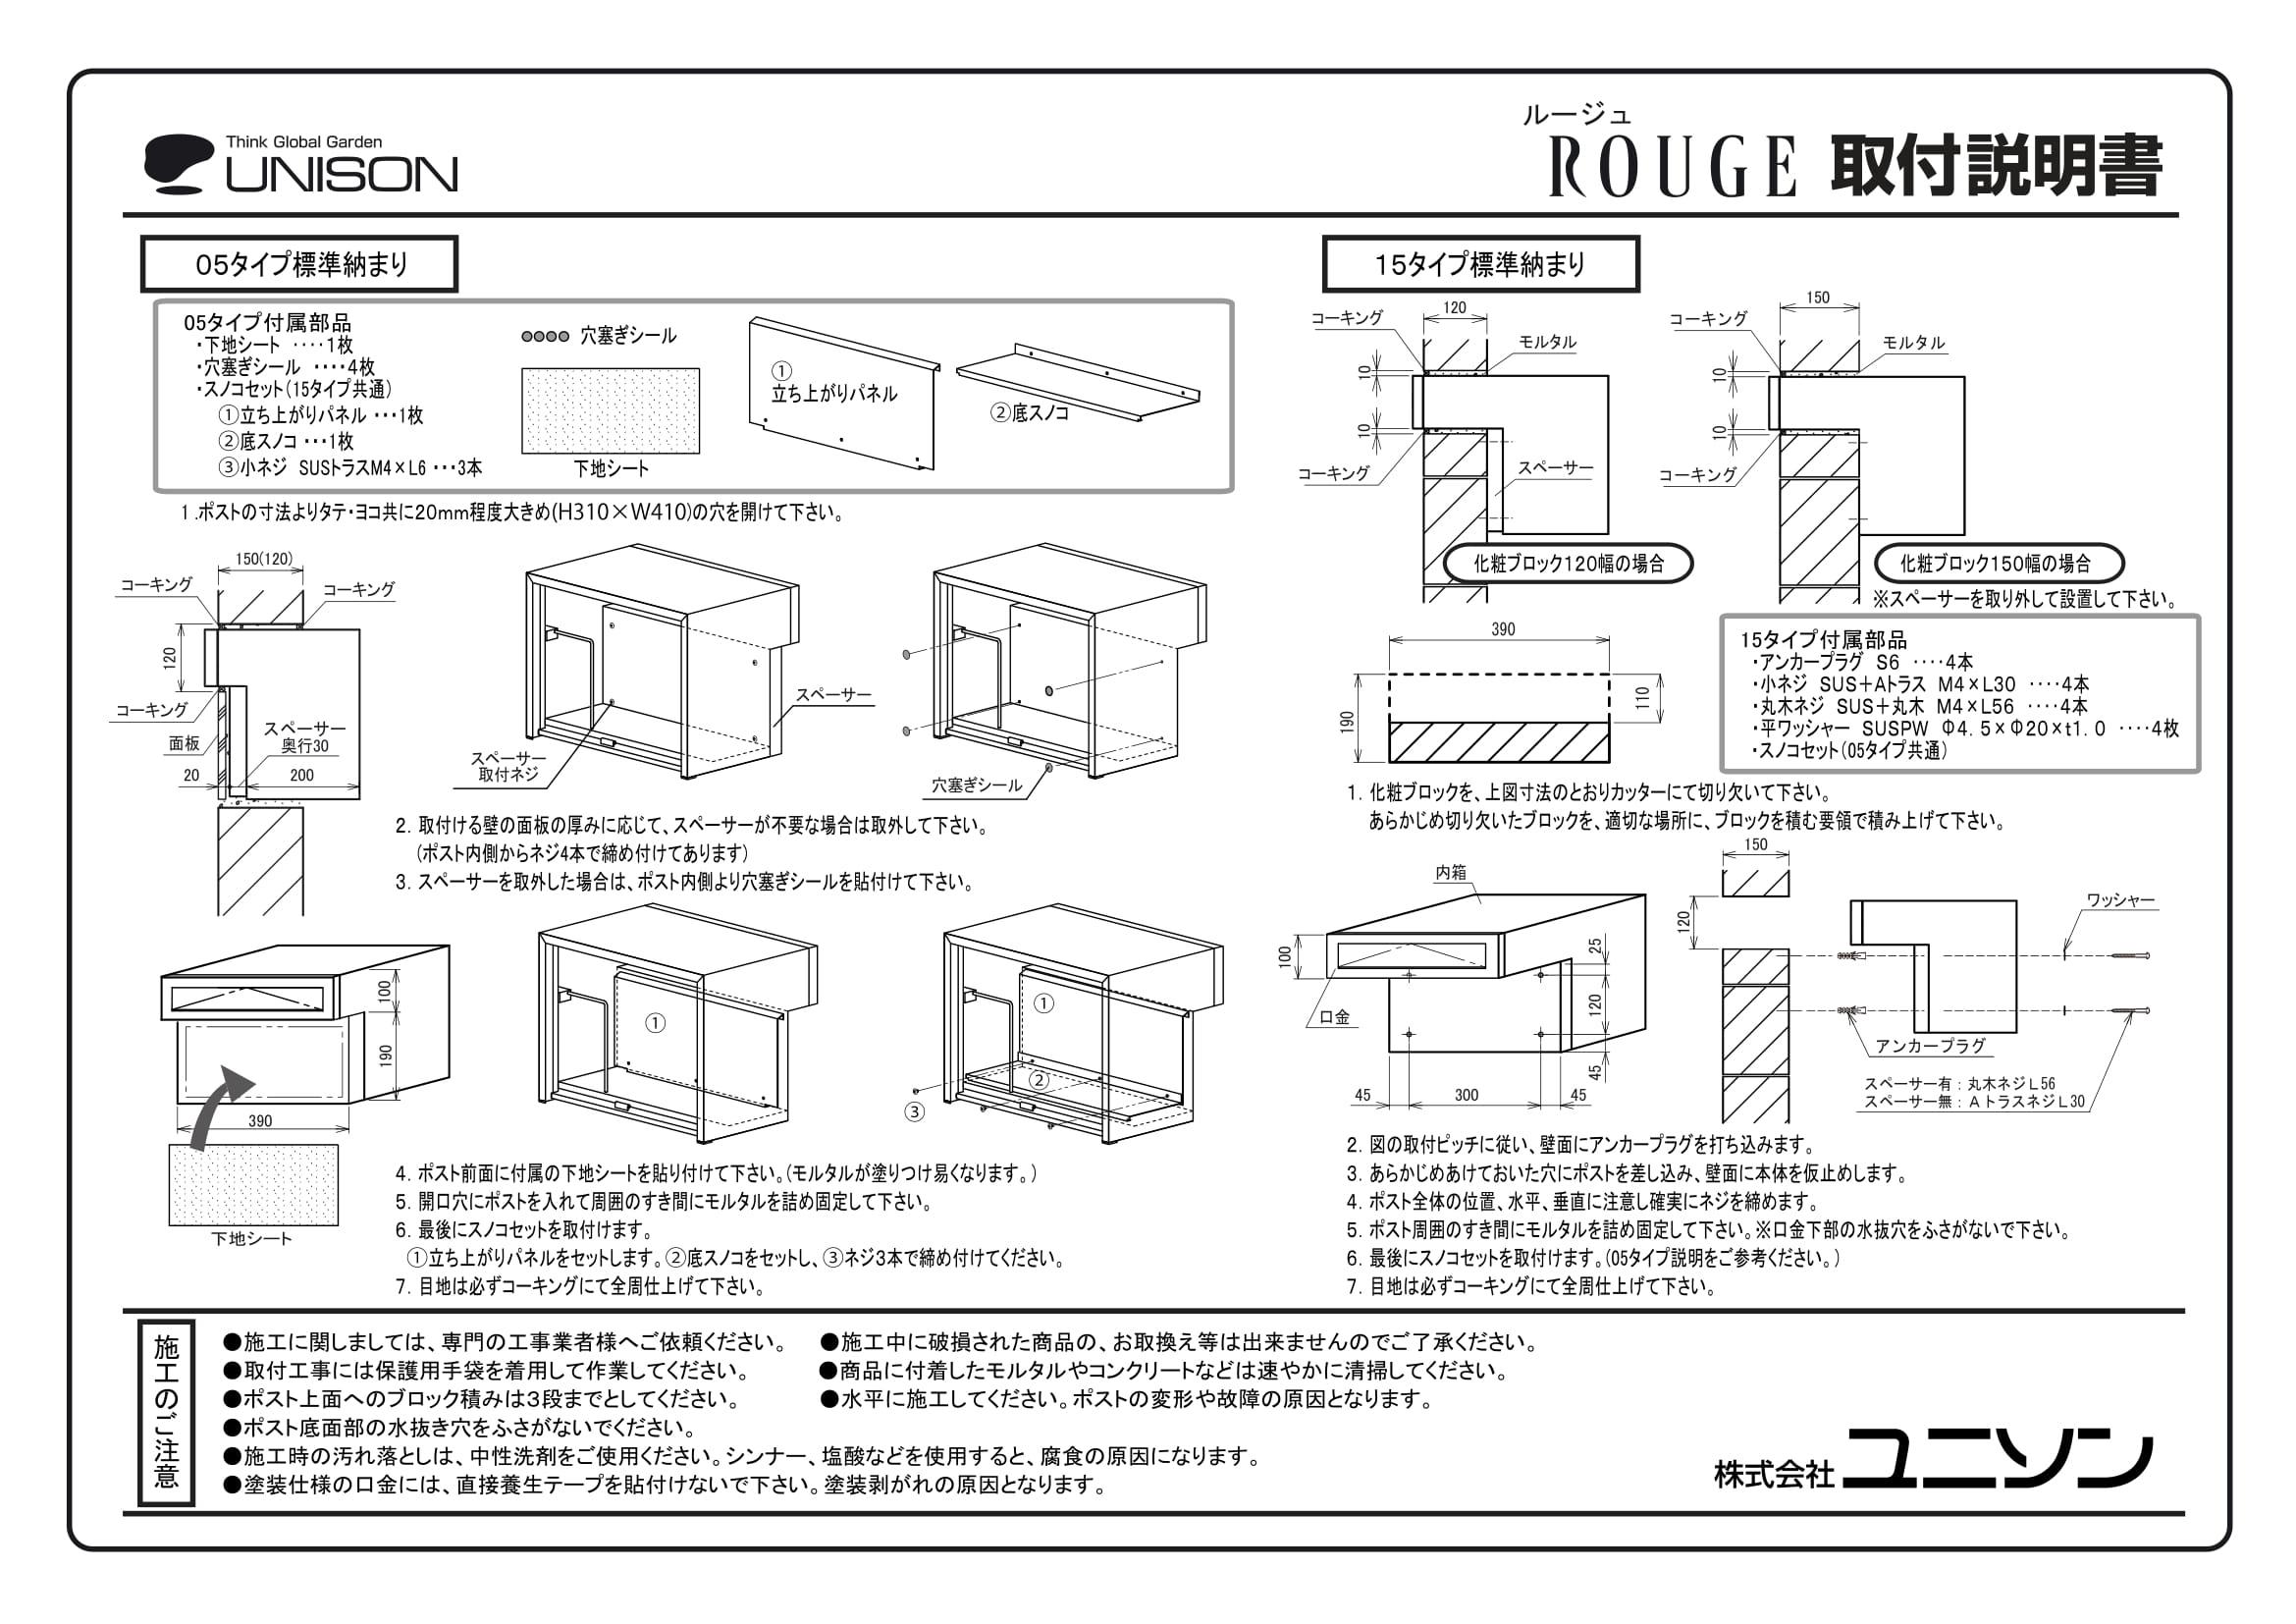 ルージュマカラ_取扱説明書-2